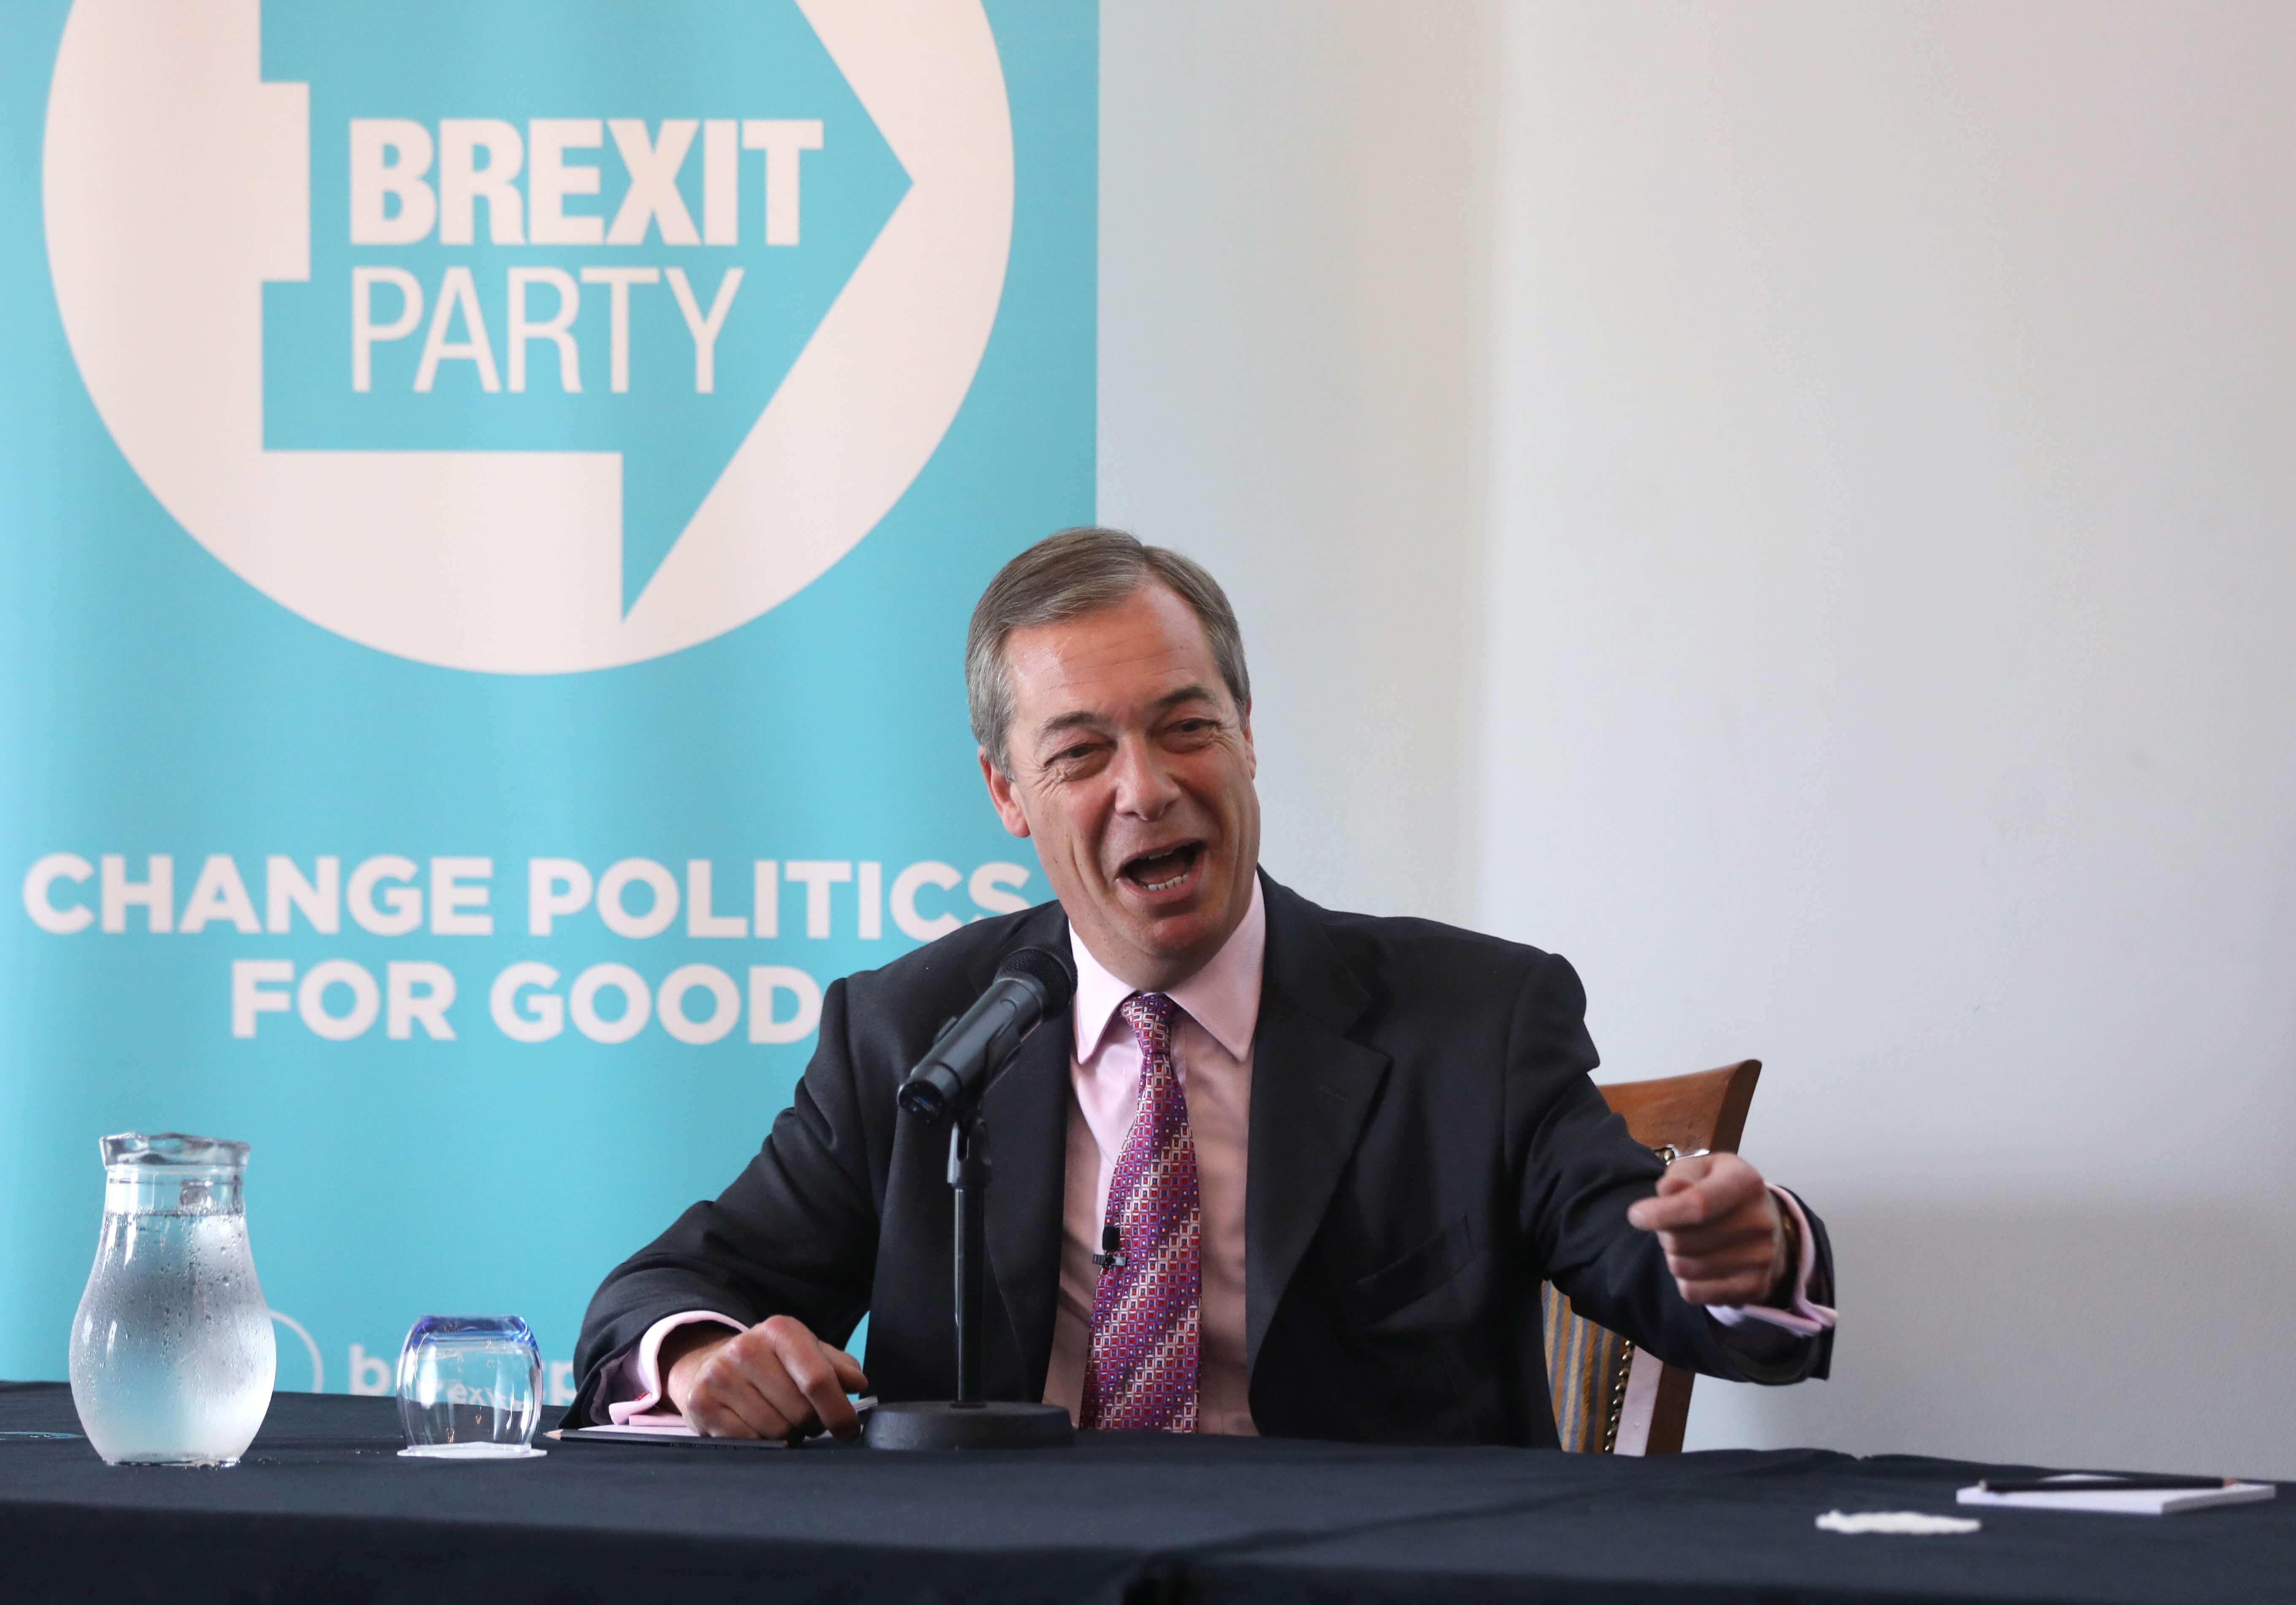 Κατά των εκλογών στο Πέτερμποροου το κόμμα του Brexit